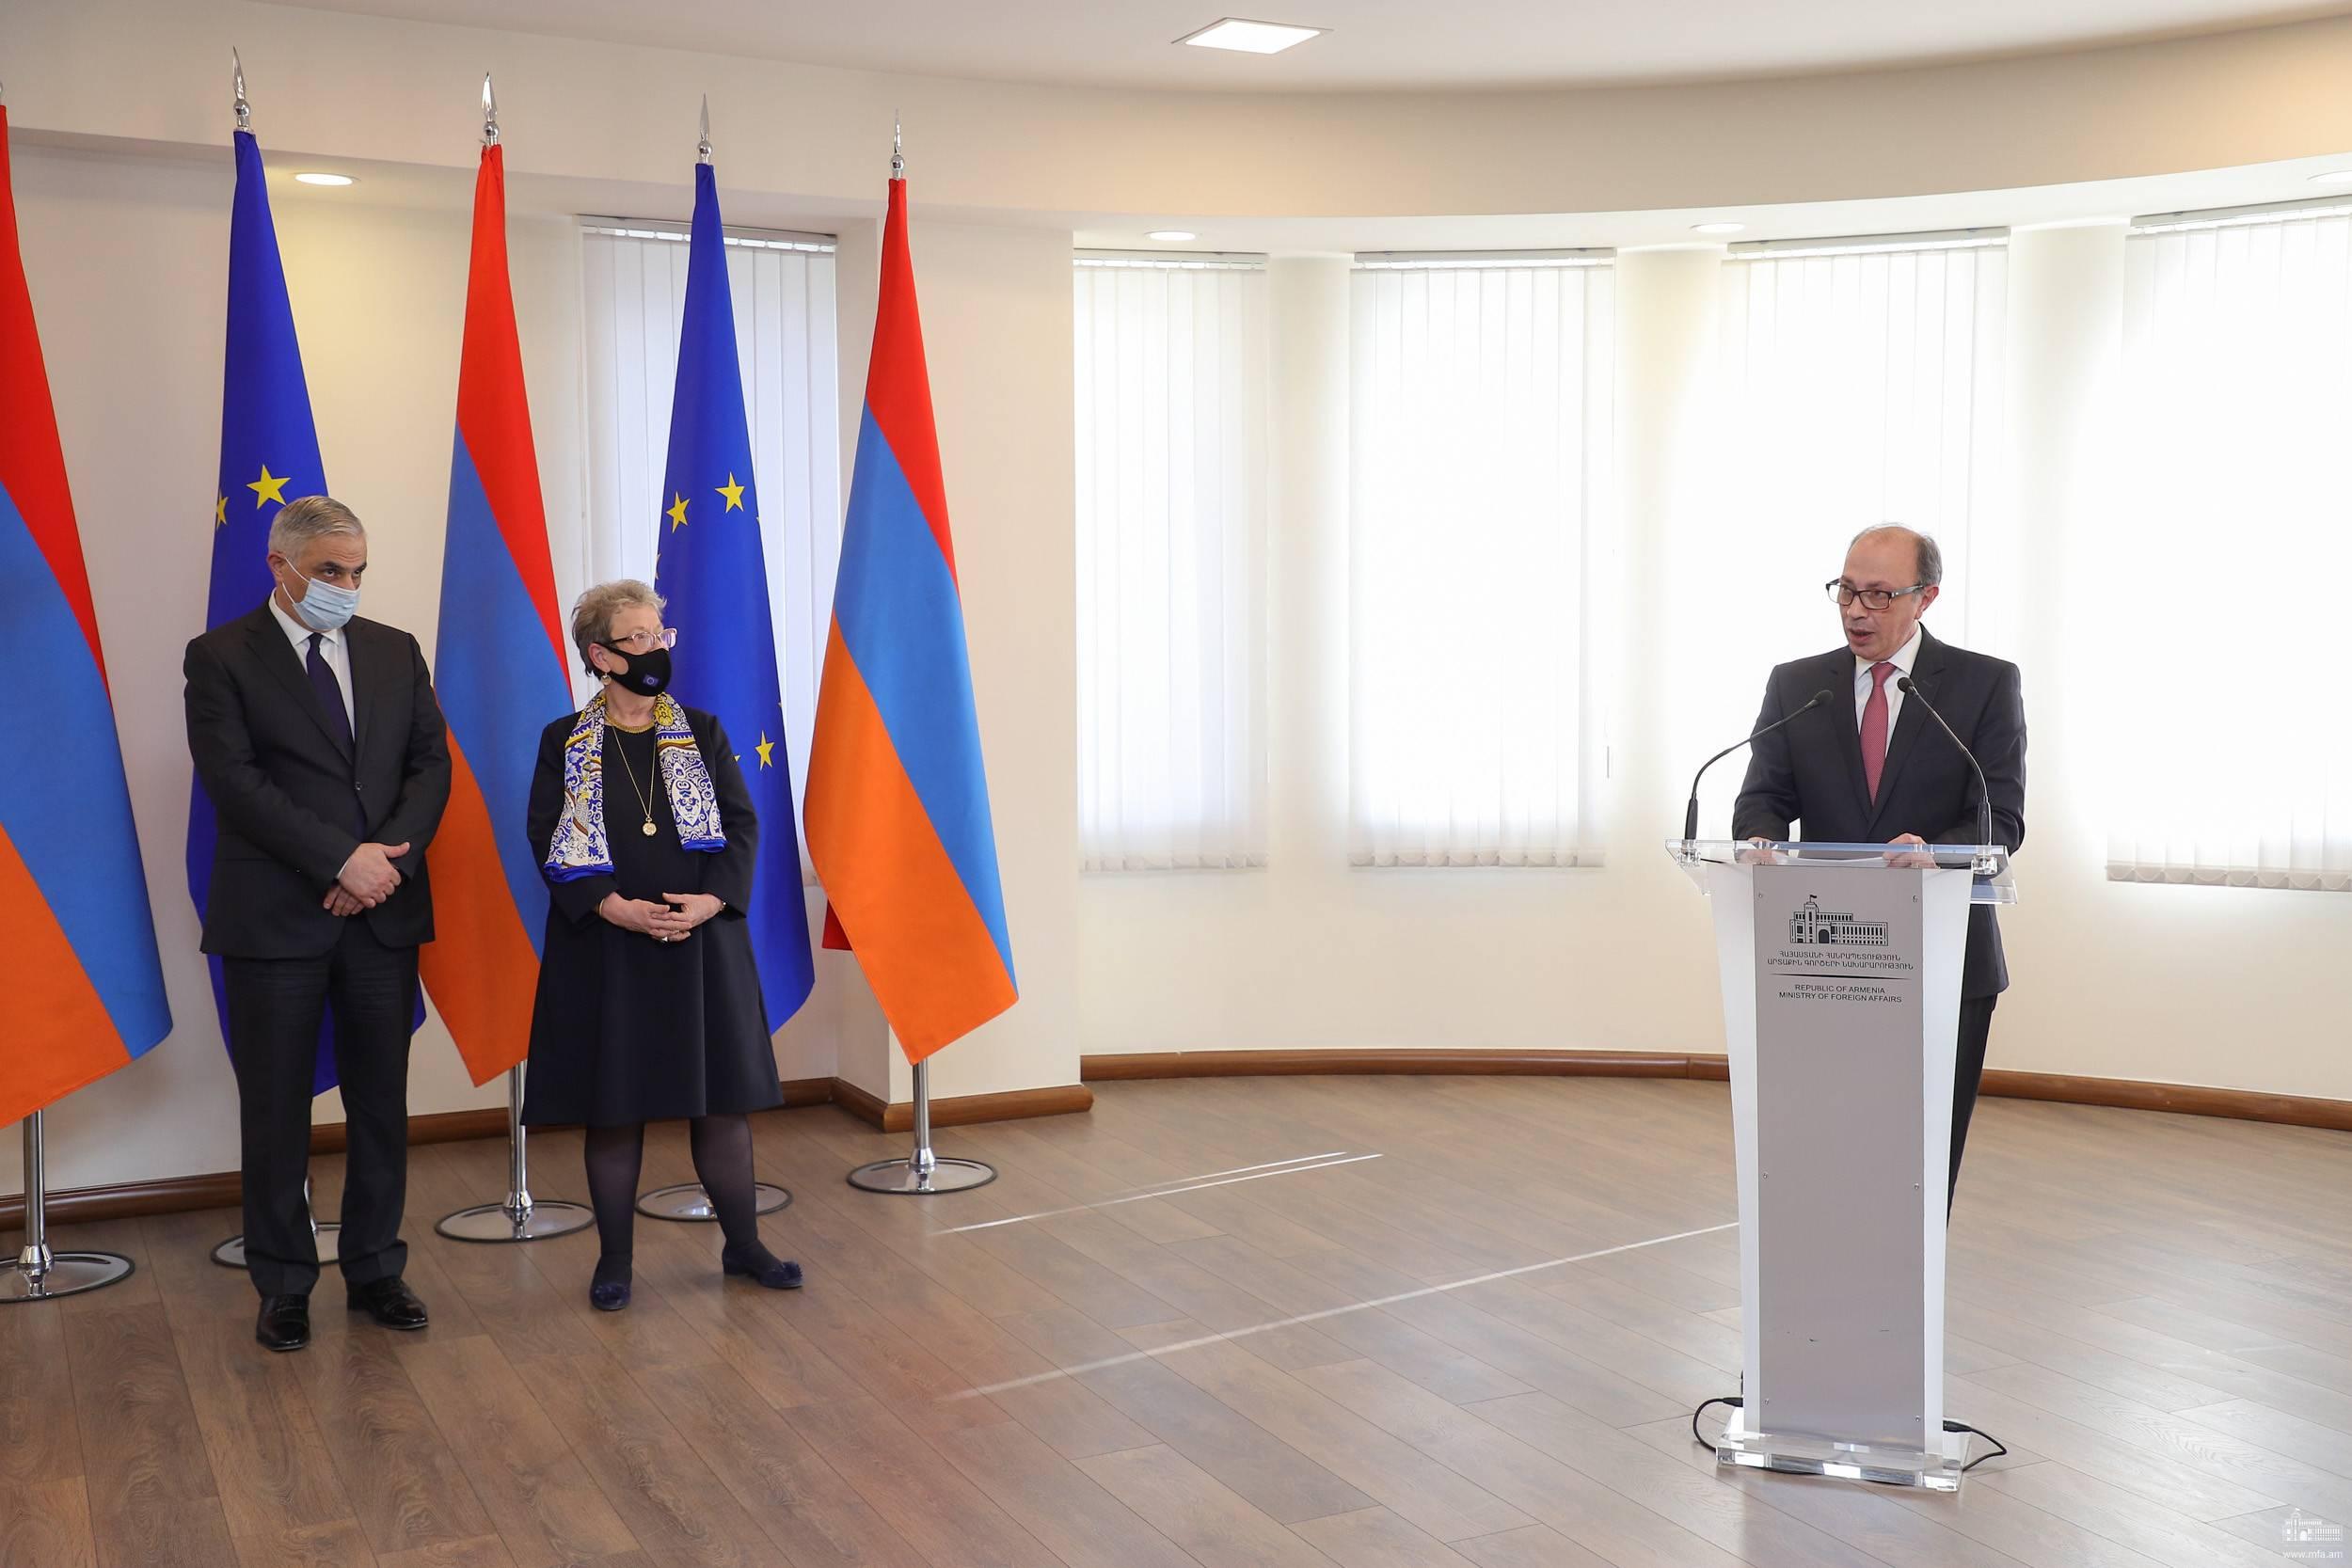 Photo of ՀՀ-ԵՄ Համապարփակ և ընդլայնված գործընկերության համաձայնագրի ուժի մեջ մտնելուն նվիրված միջոցառում ԱԳՆ-ում